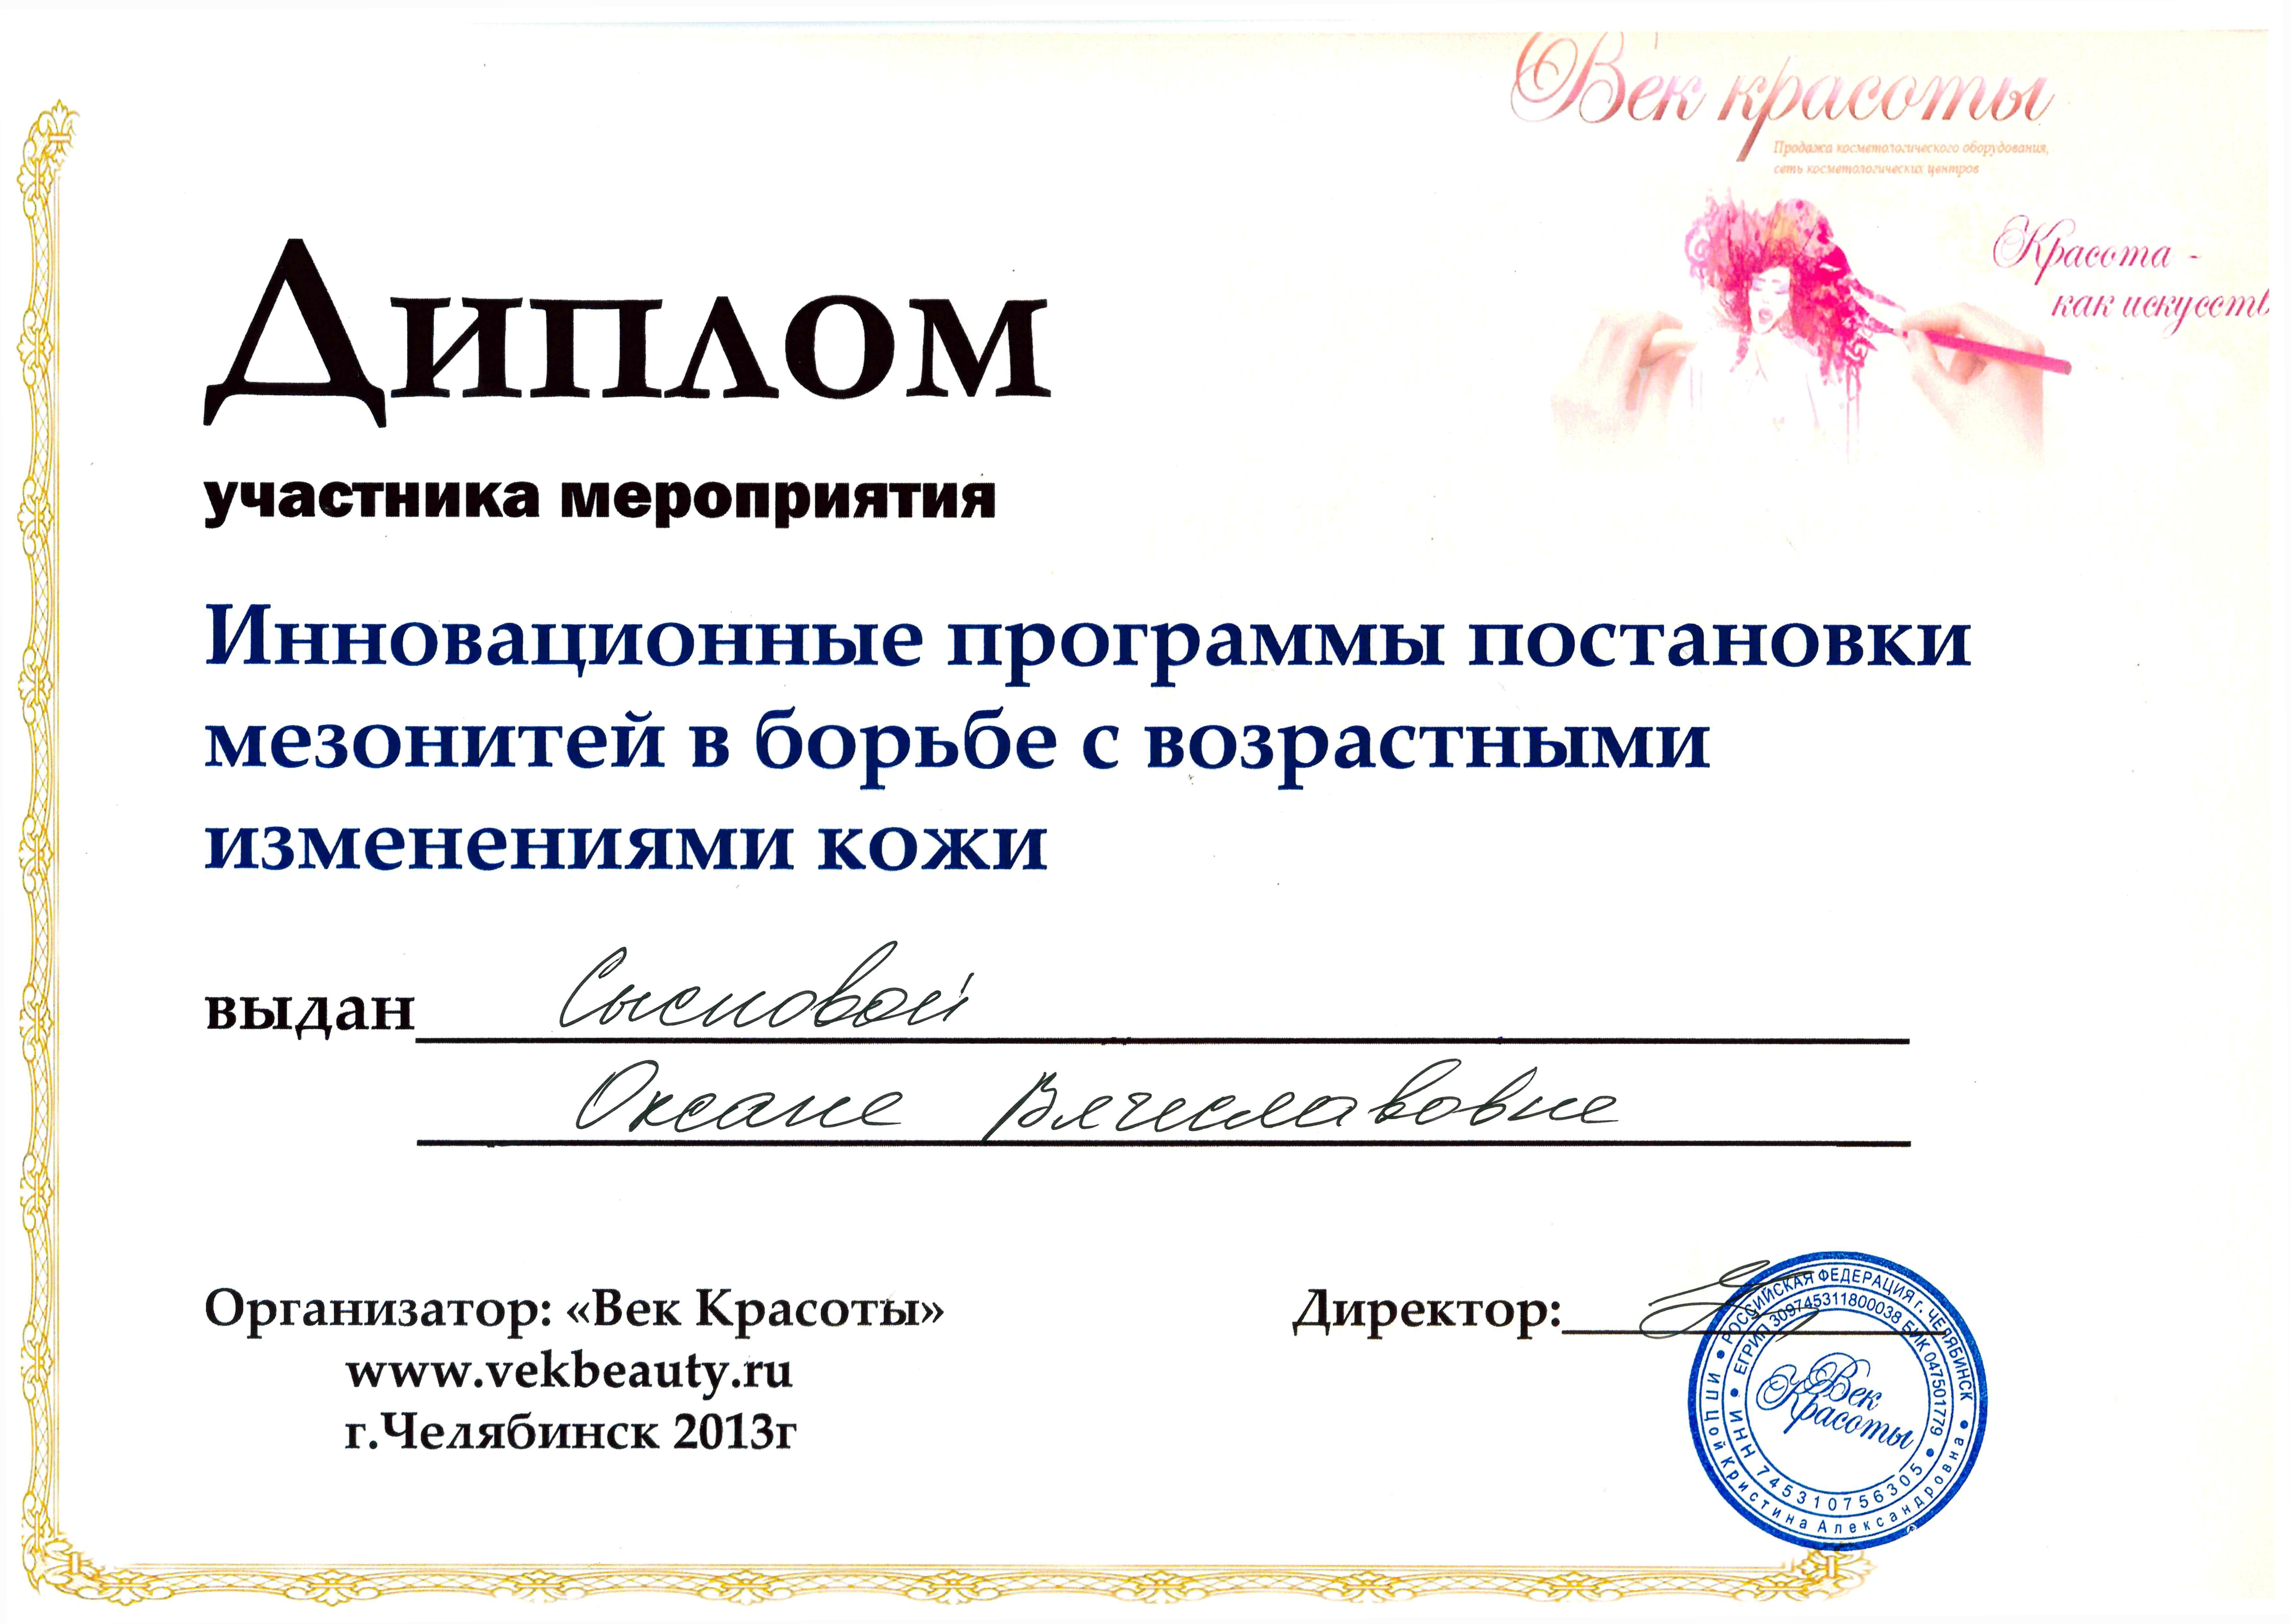 Dokumenty-po-kosmetologu-0003